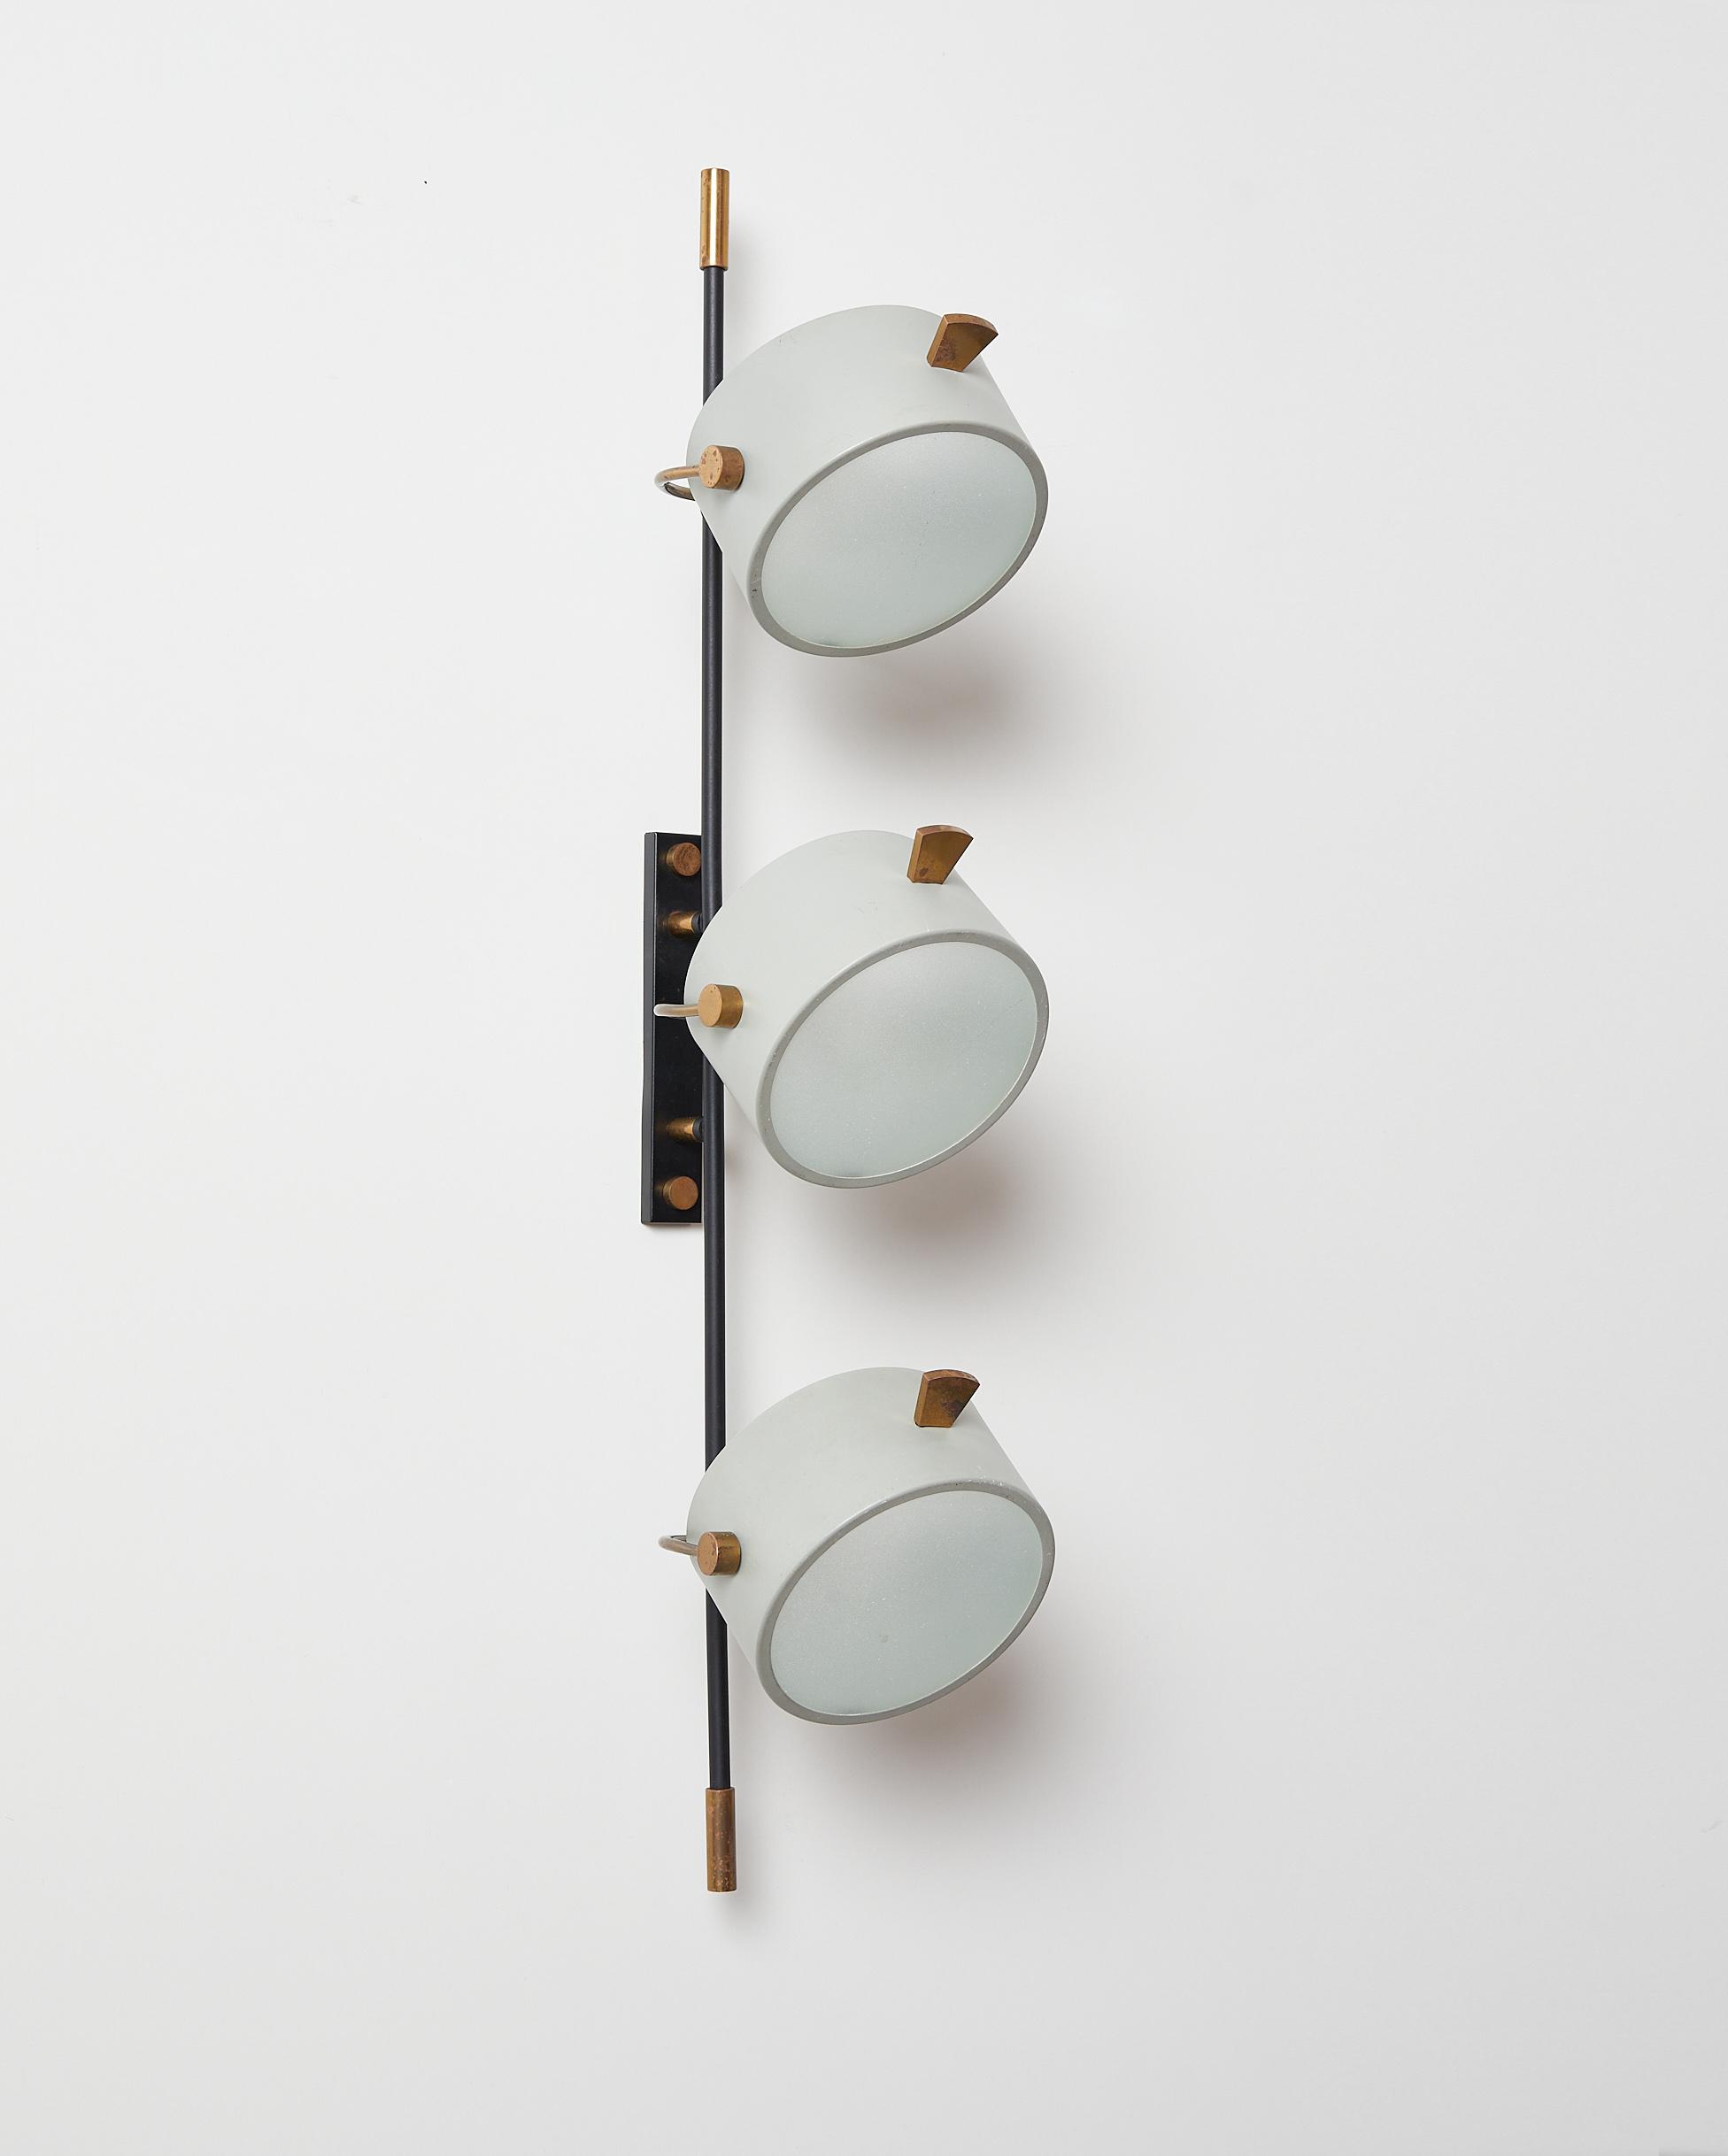 grande-applique-editions-lunel-a-trois-reflecteurs-image-03